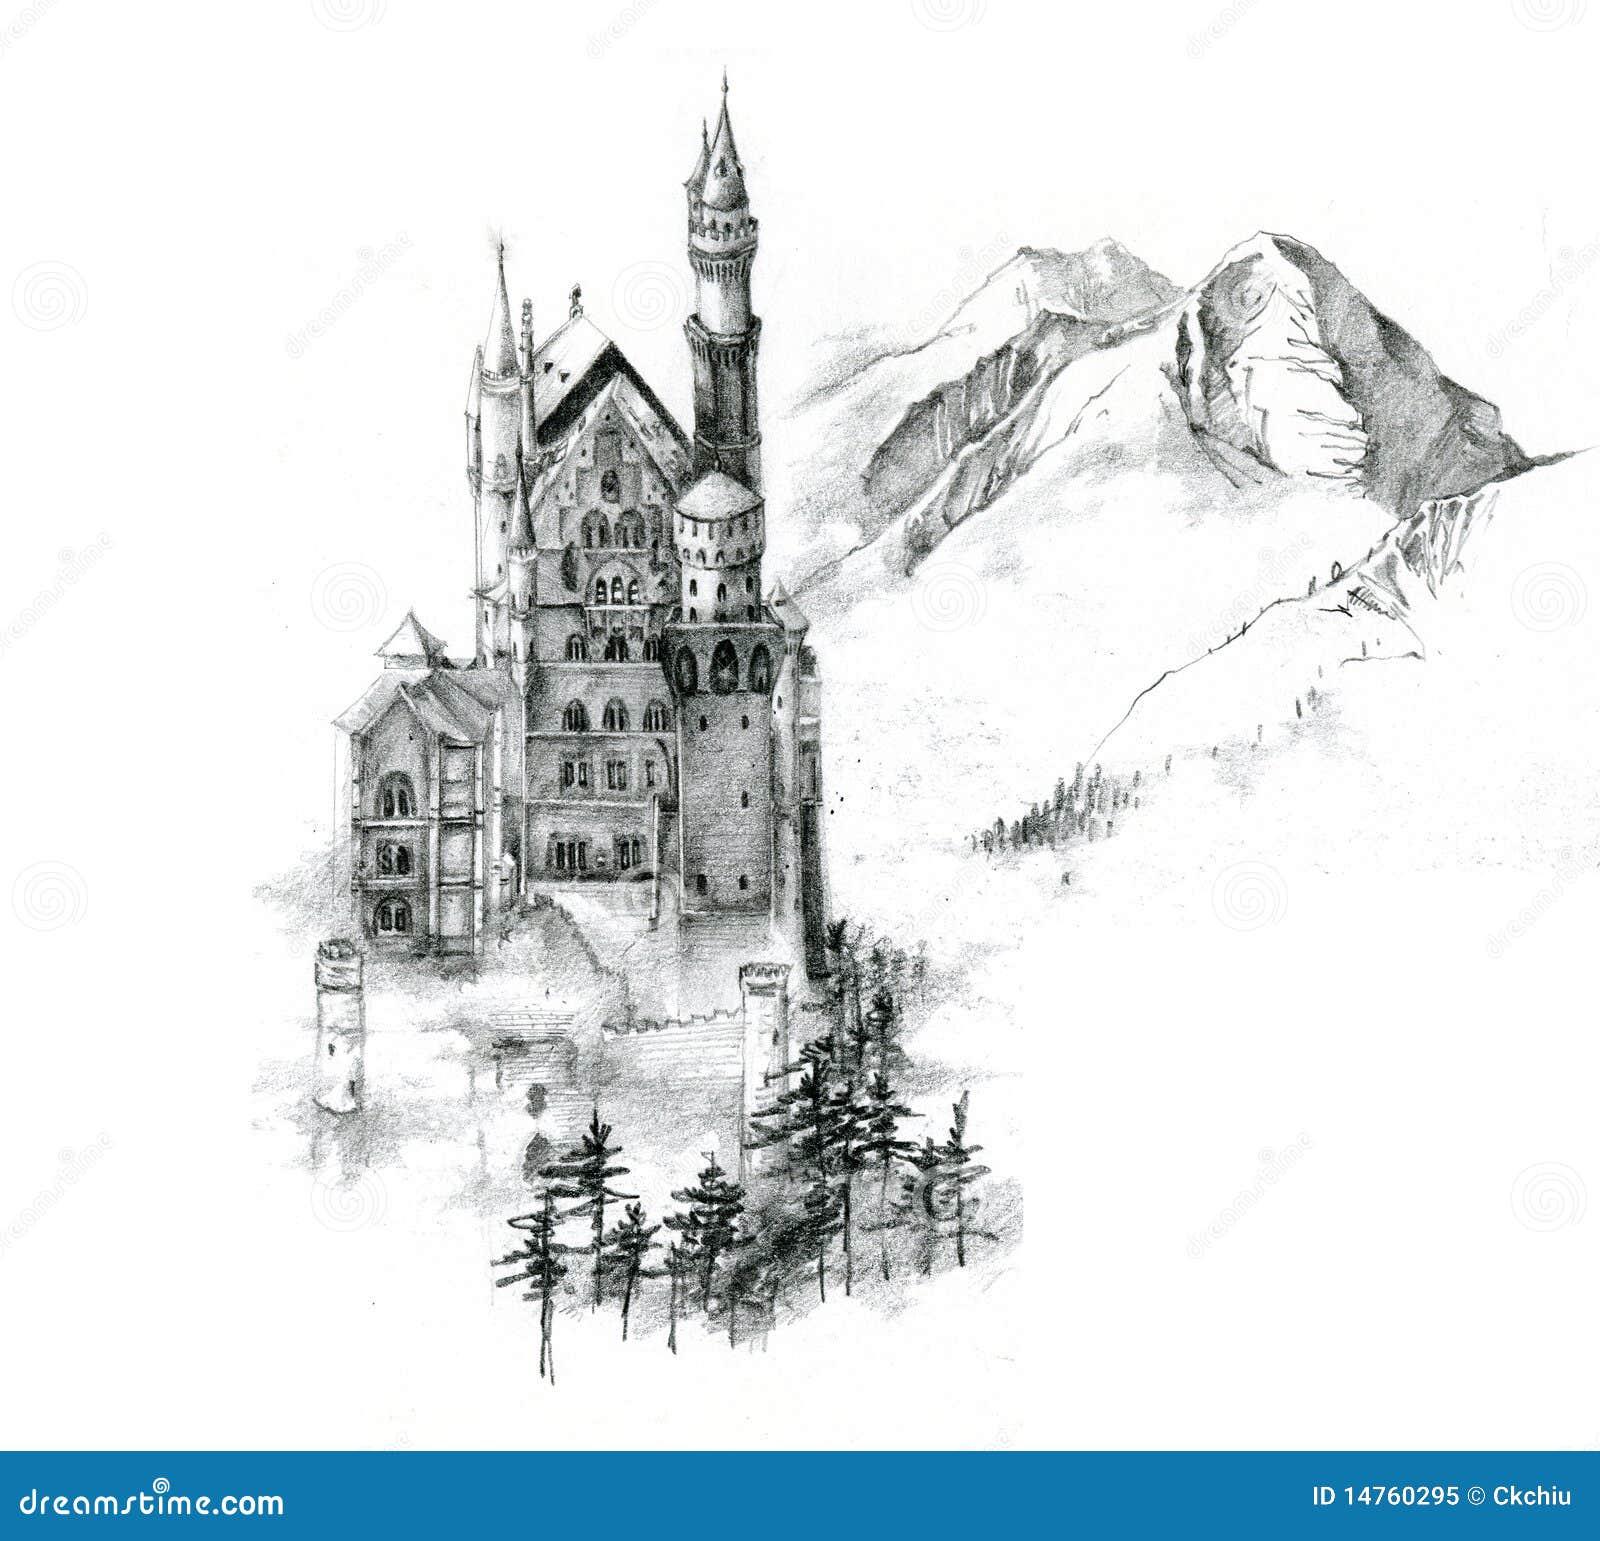 Pencil sketch of neuschwanstein